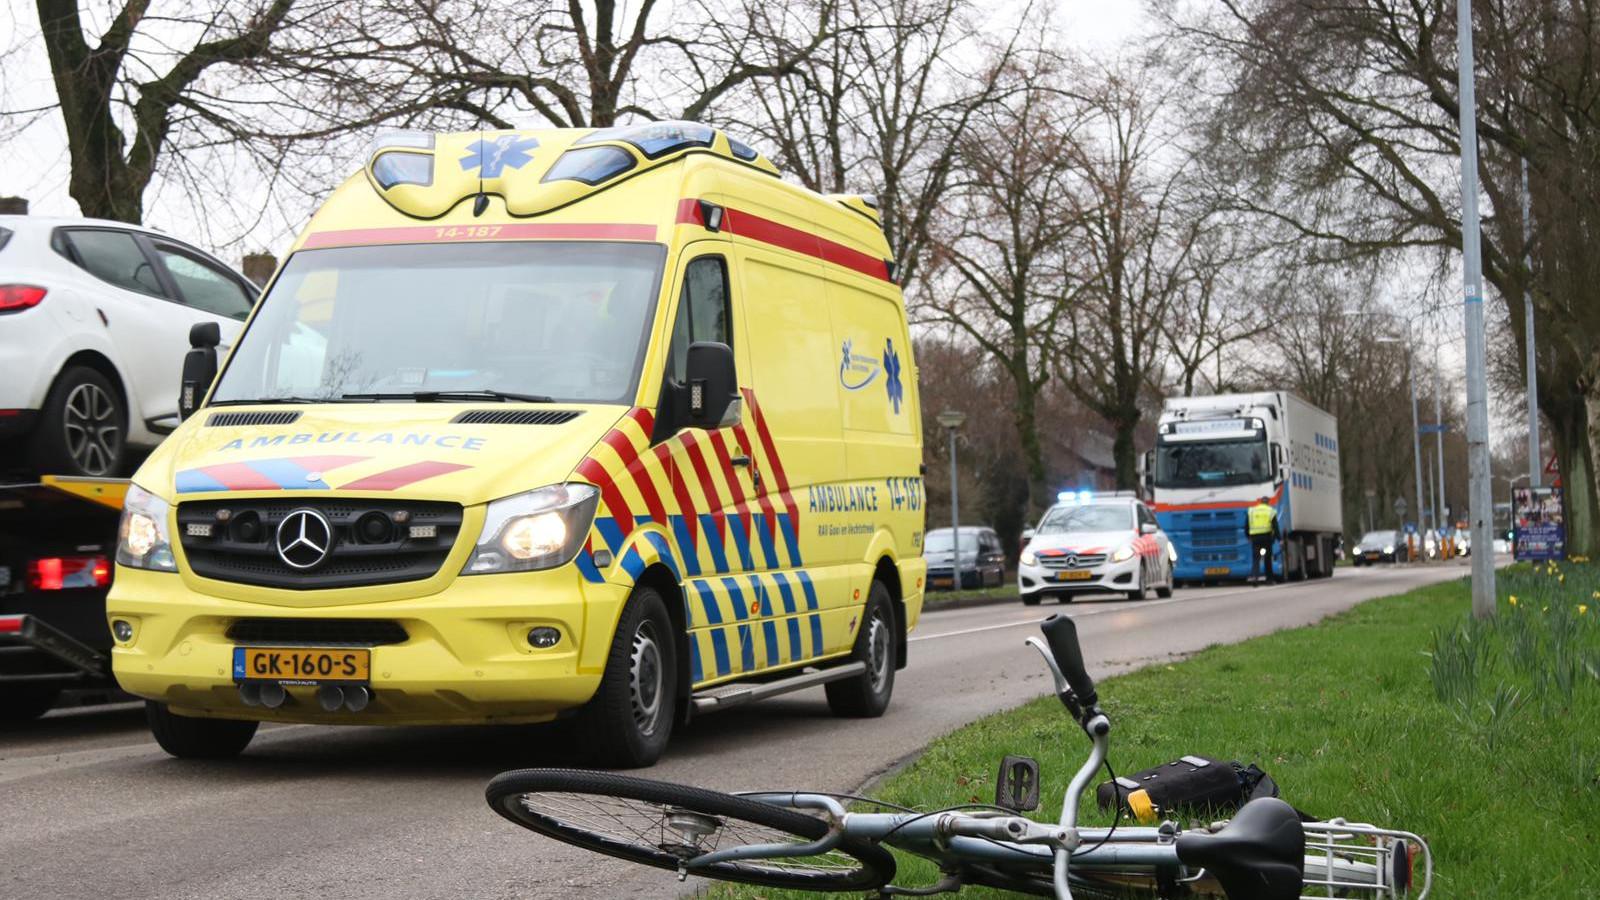 Meisje met fiets gewond na aanrijding op oversteekplaats in Huizen.